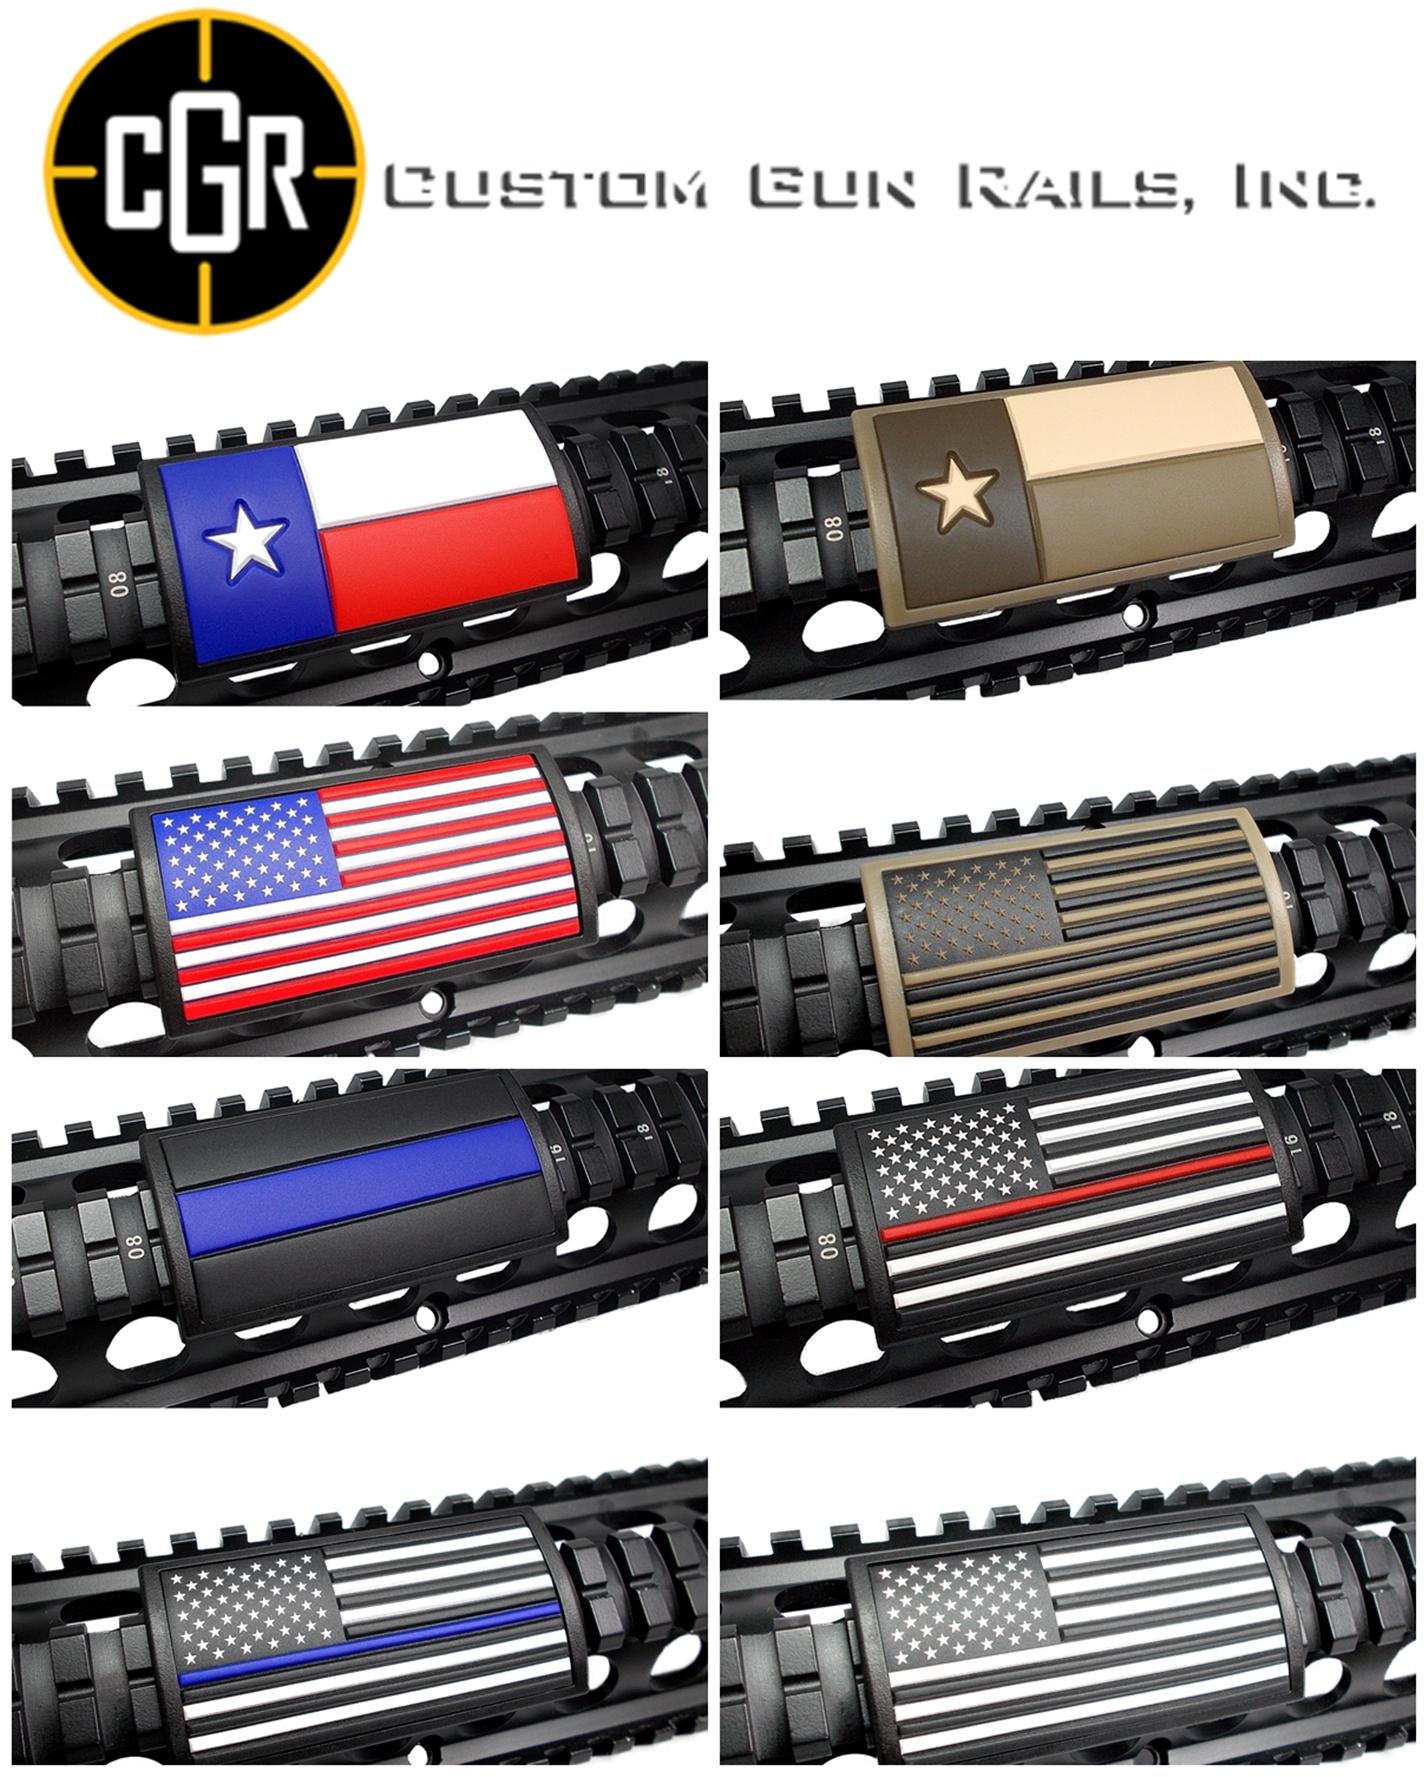 4-1 実物 CUSTOM GUN RAILS RAIL COVER !! PVC AMERICAN FLAG !! CUSTOM AR 15 次世代 M4 CQB-R NOVESKE N4 レイルカバー 購入 開封 取付 レビュー